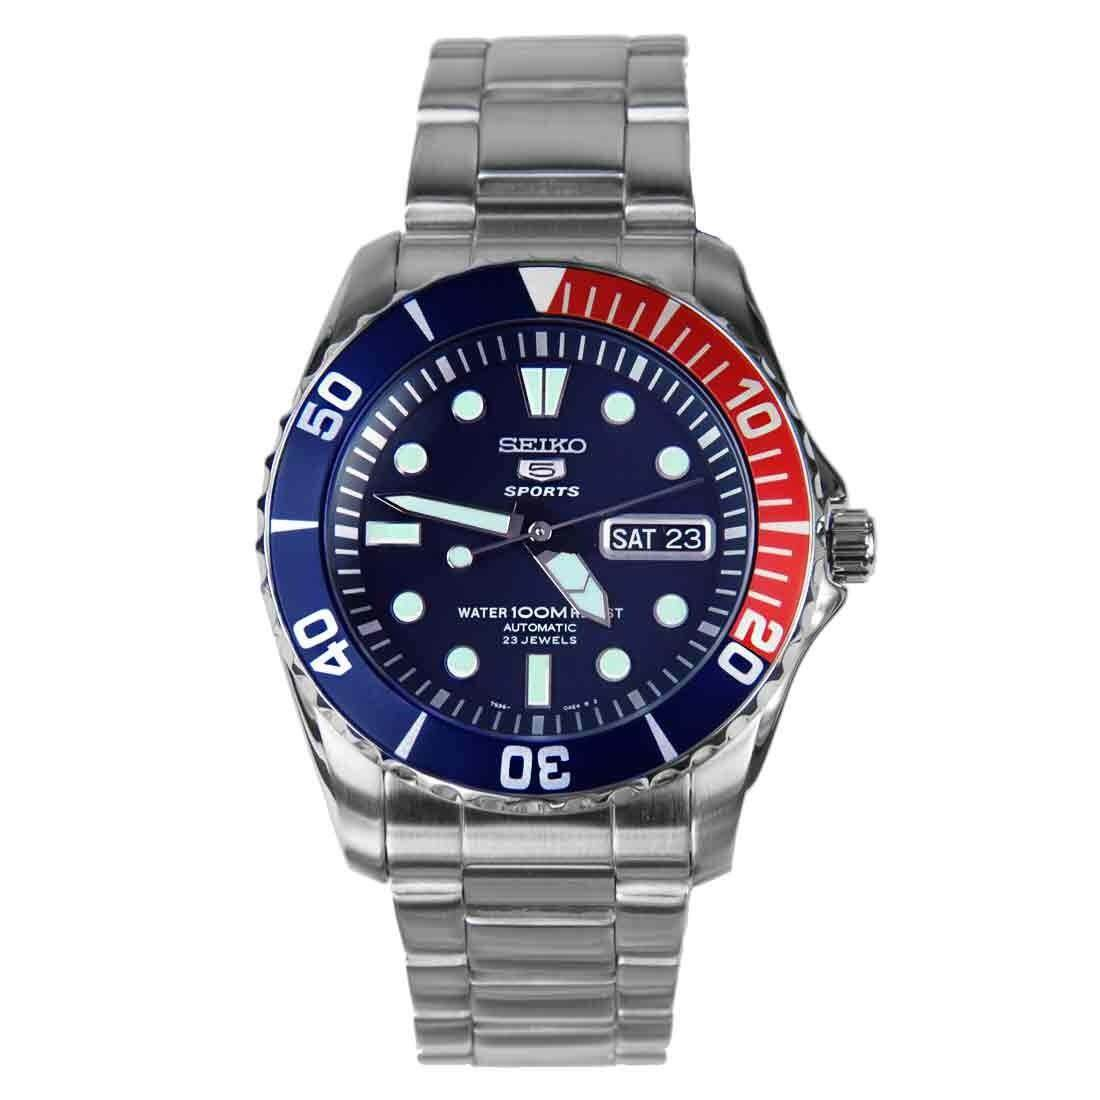 สอนใช้งาน  เพชรบุรี Karnvera Shop Seiko 5 นาฬิกาข้อมือผู้ชาย Blue Dial Stainless Steel Automatic  SNZF15K1